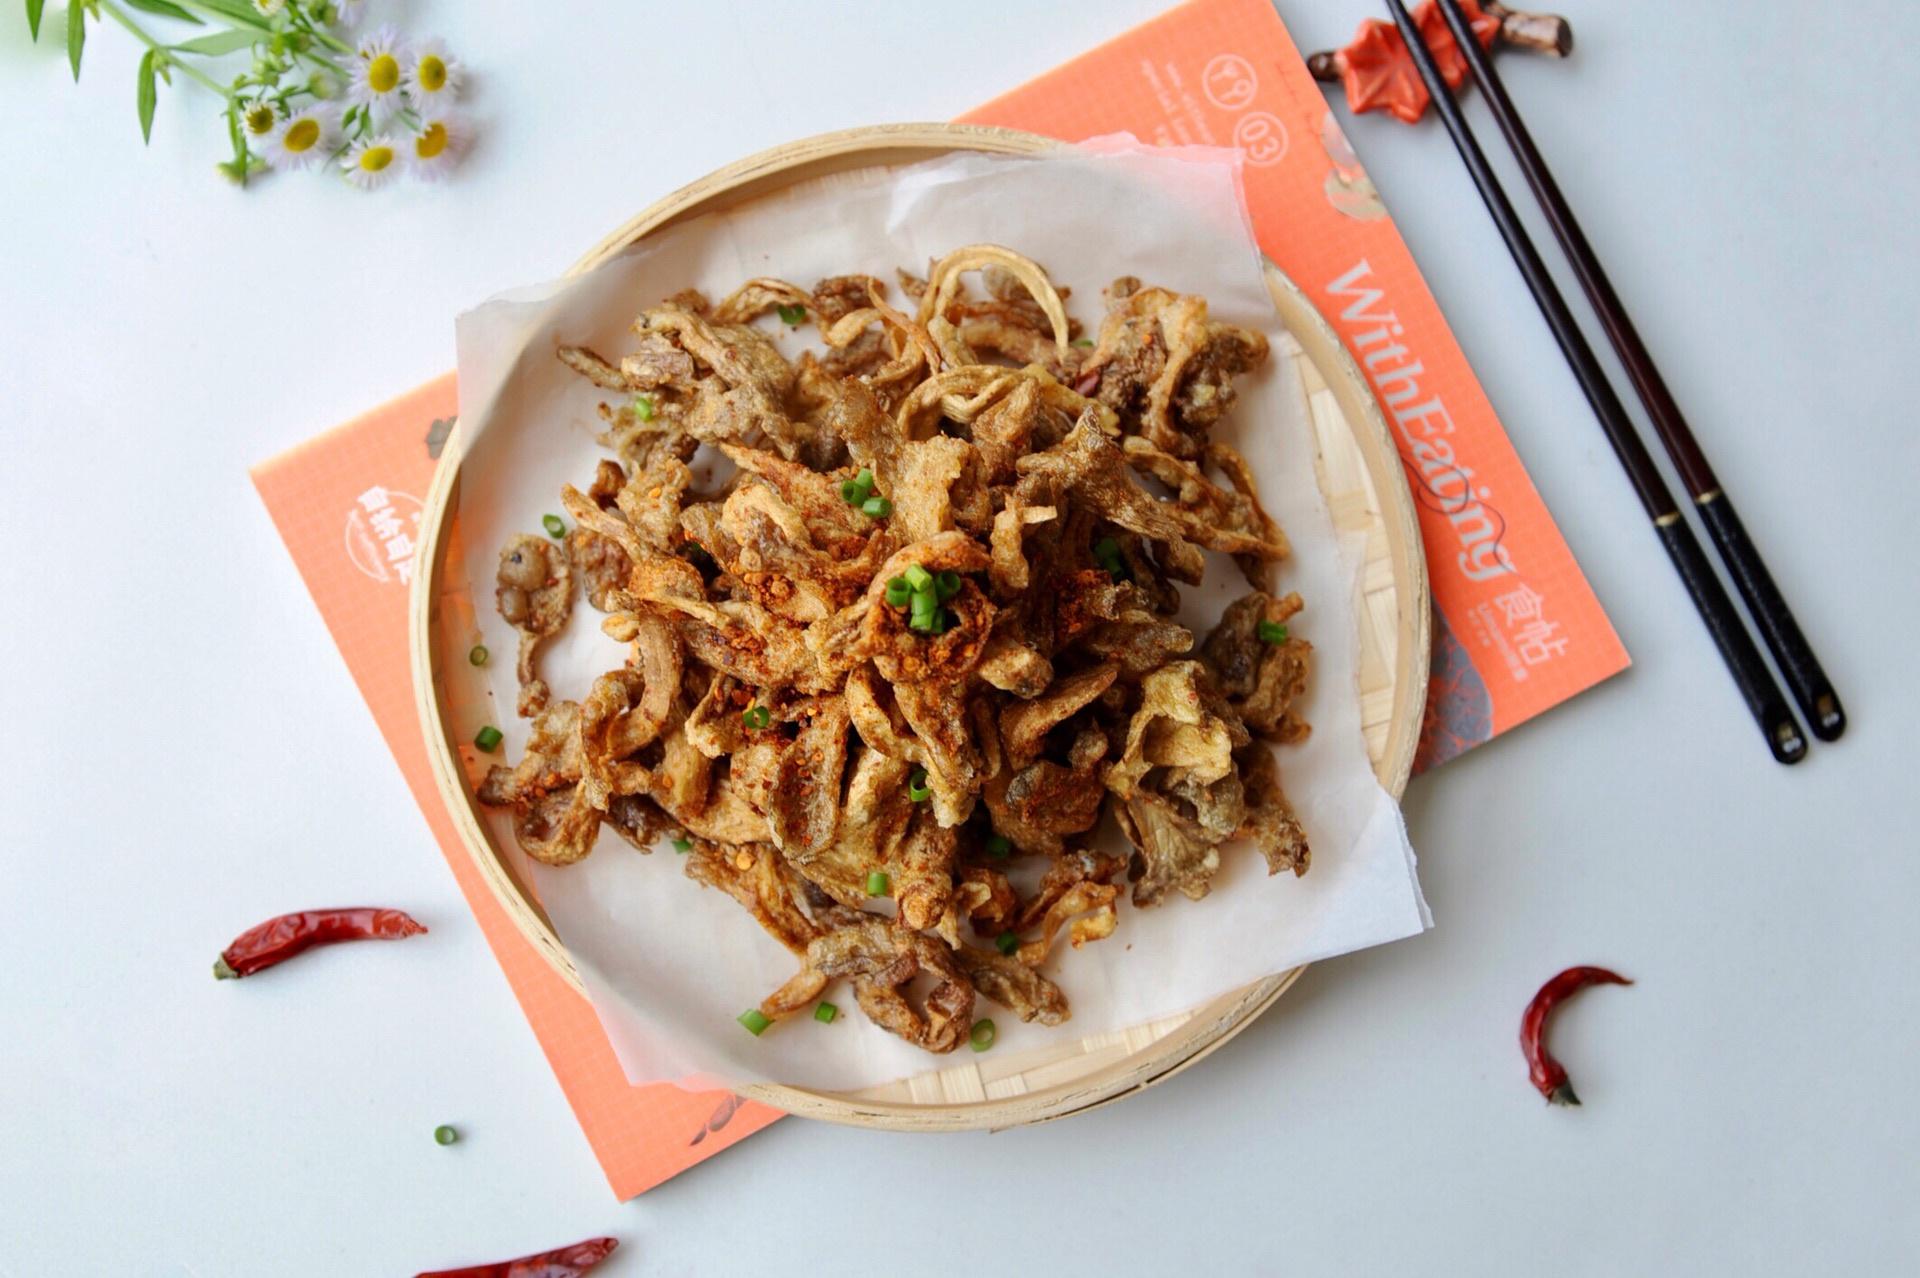 平菇炸一炸既是零食也是菜,薯片的口感,肉的滋味